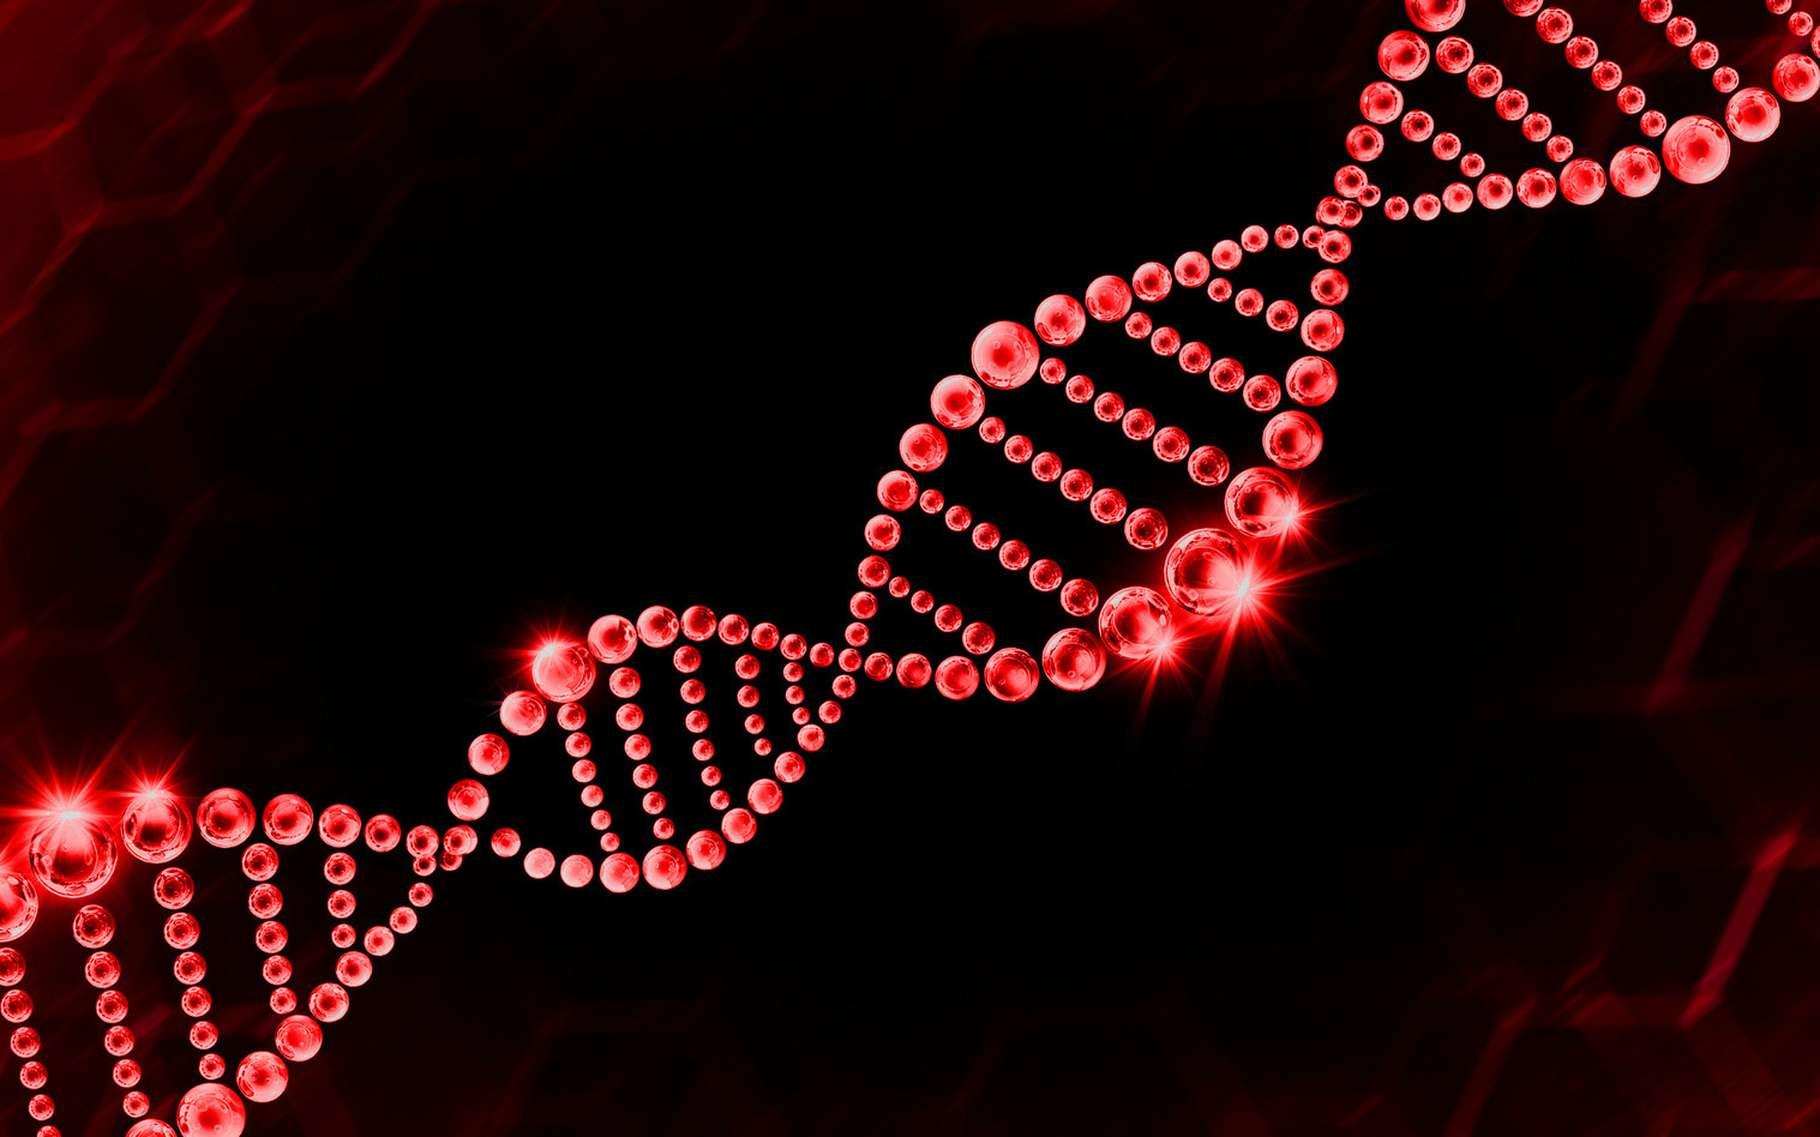 Parmi les biotechnologies rouges (aussi appelées biotechnologies de la santé) figurent les techniques de séquençage de l'ADN. © Vichy Deal, Shutterstock